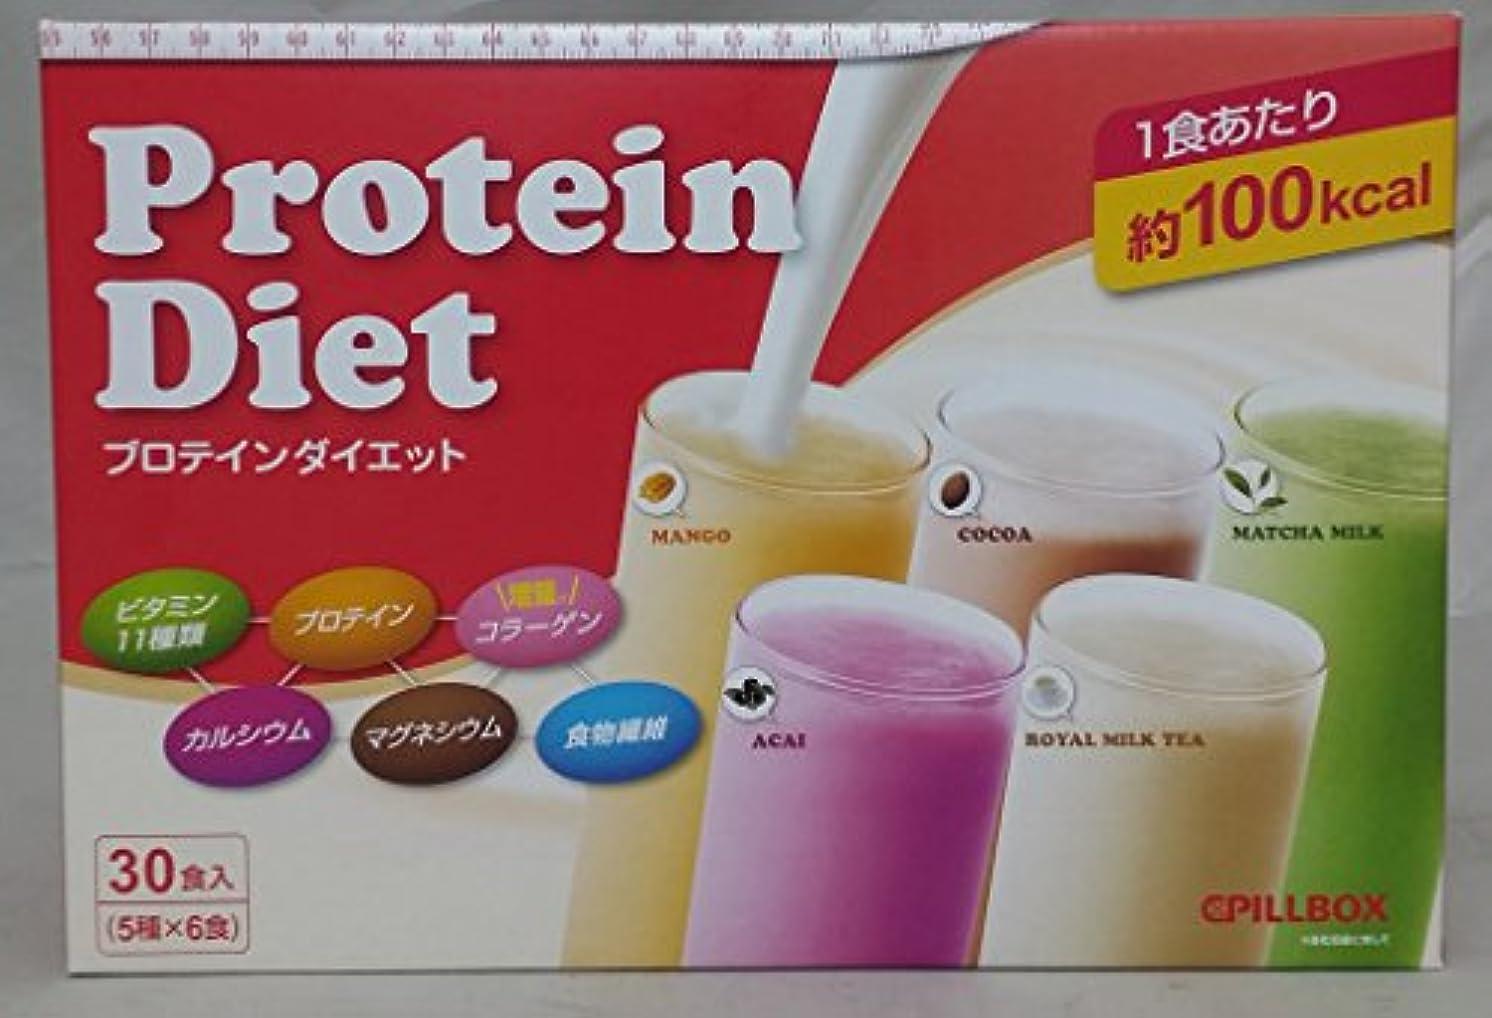 喪逃げる闘争ピルボックス Protein Diet プロテイン ダイエット 31g×30食入り 5種類のフレーバー